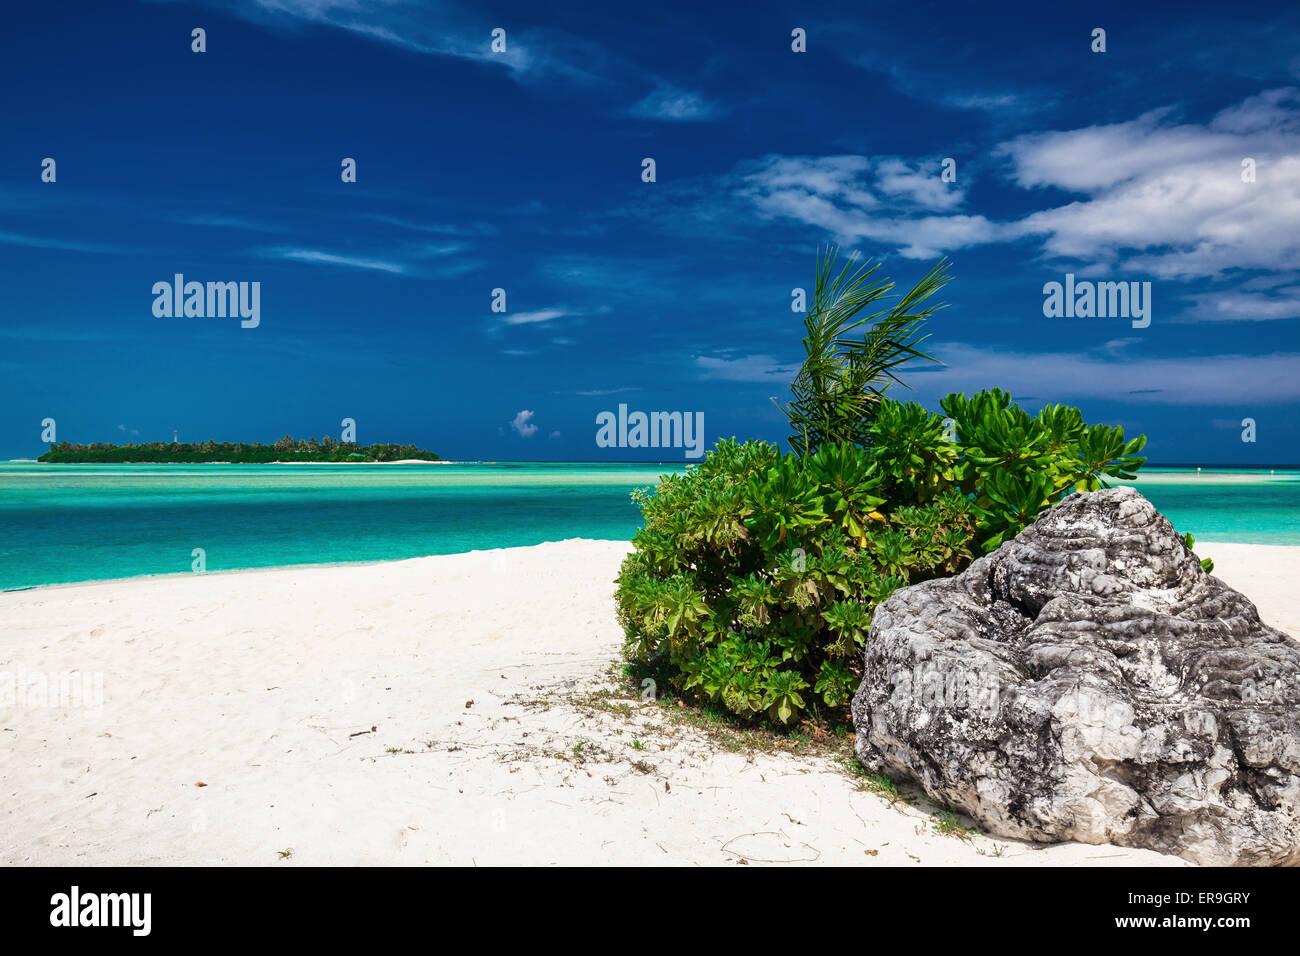 Verträumte kristallklaren Meer mit einem Stein auf den weißen Sandstrand Stockbild